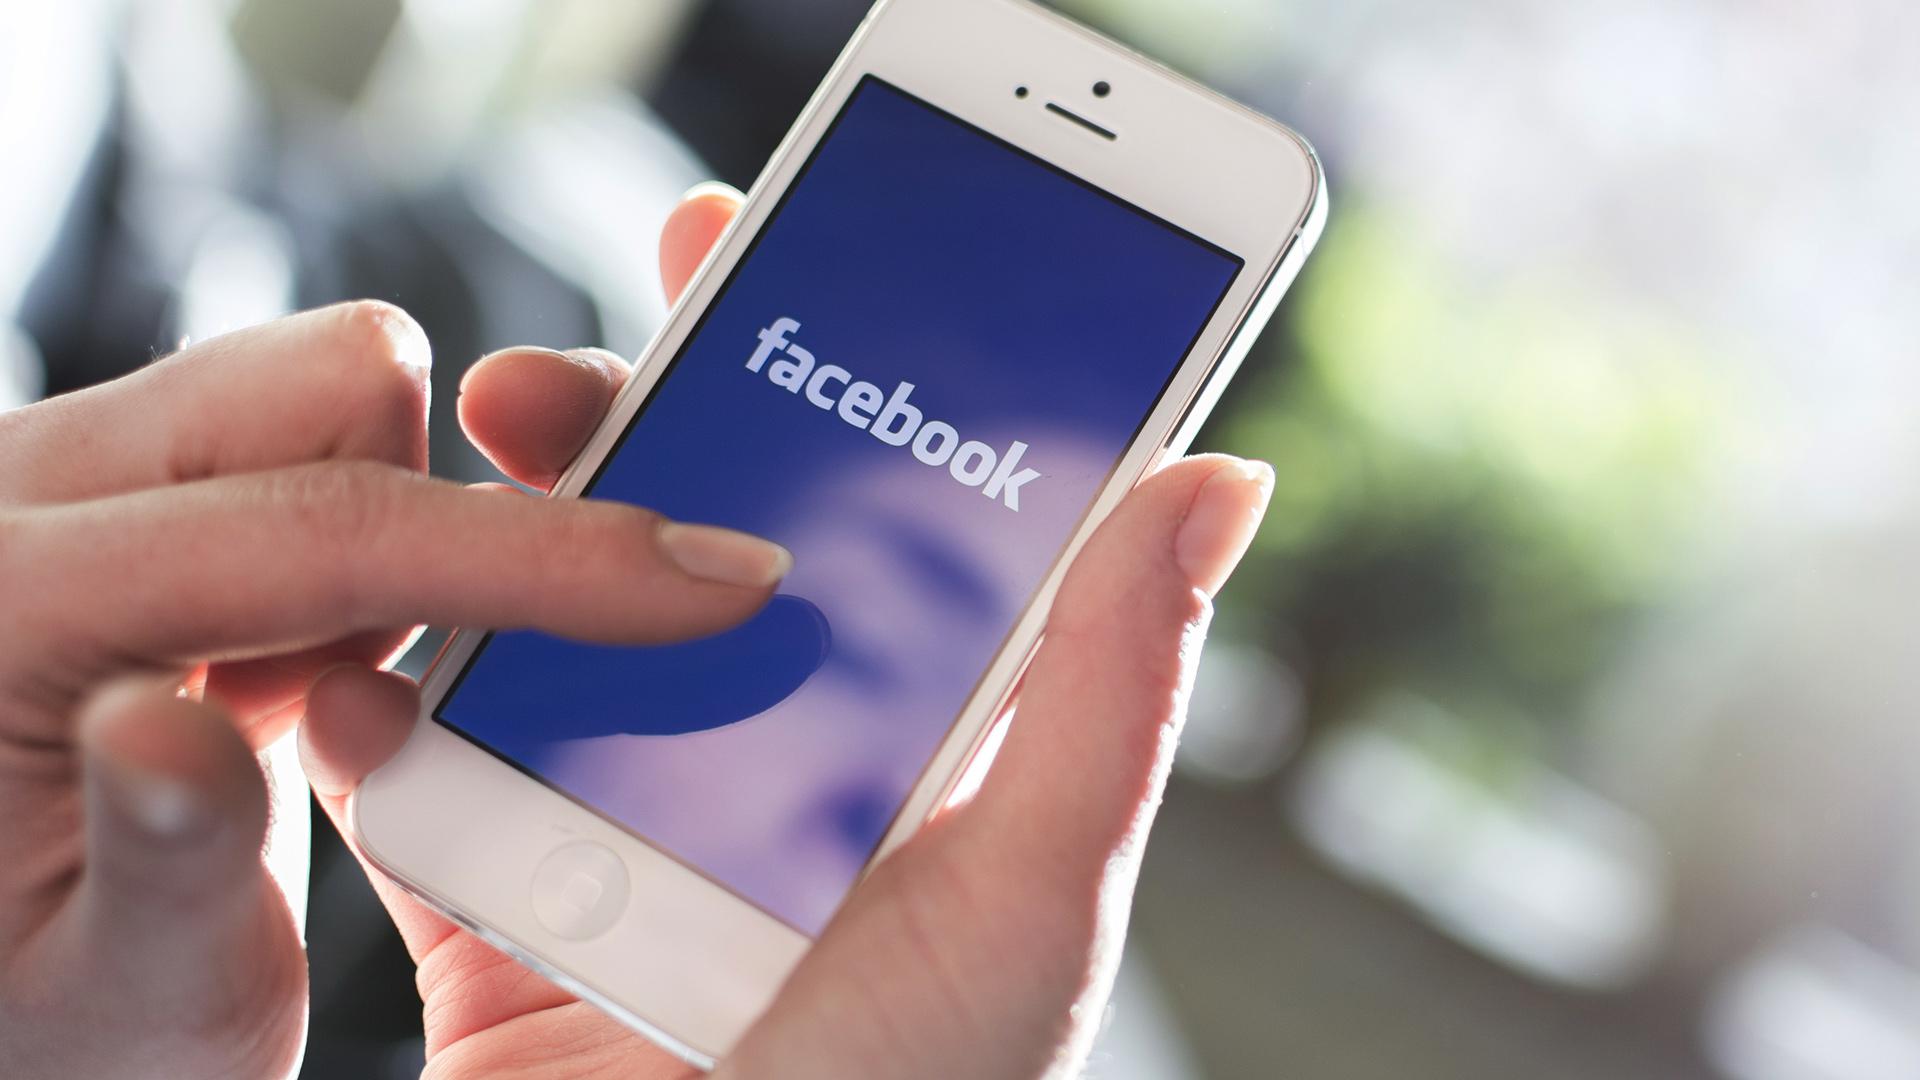 """خلل في """"واتسآب"""" و""""فيسبوك"""" و""""إنستغرام"""" والتطبيقات لنتعمل على العديد من الاجهزة الخلوية"""